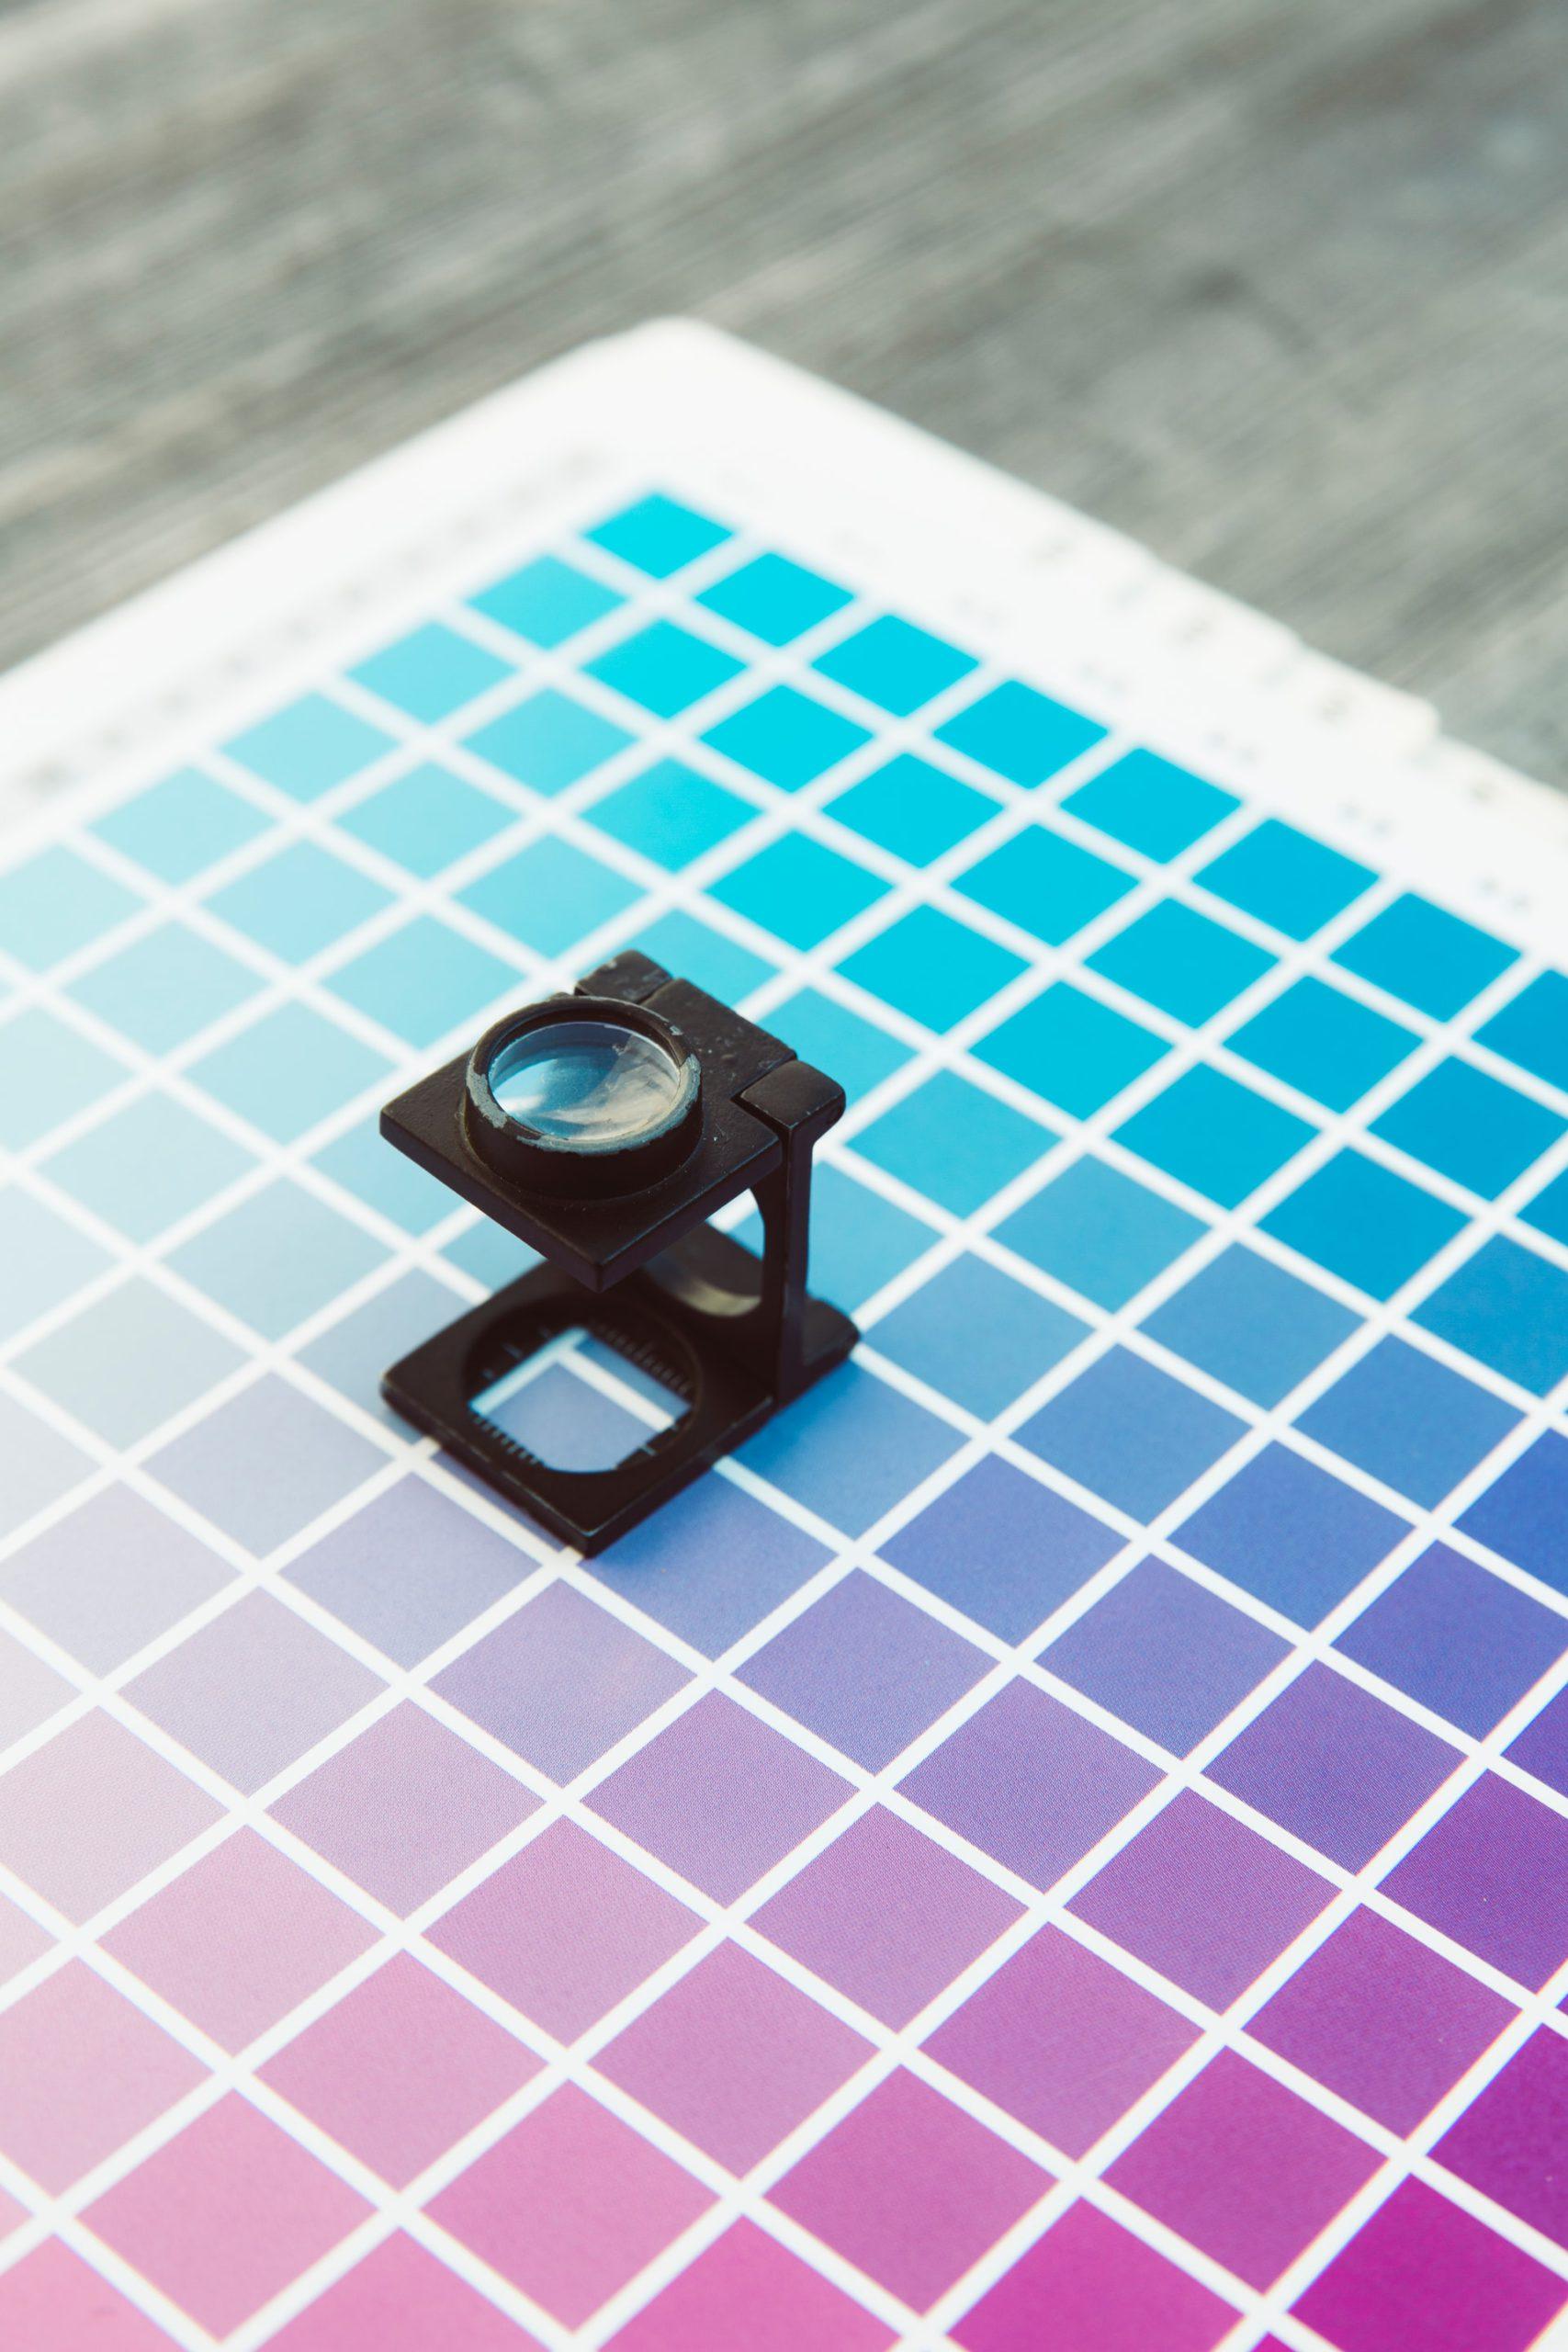 Suggerimenti tecnici: come evitare l'effetto curling o arricciamento delle stampe su vinili adesivi.